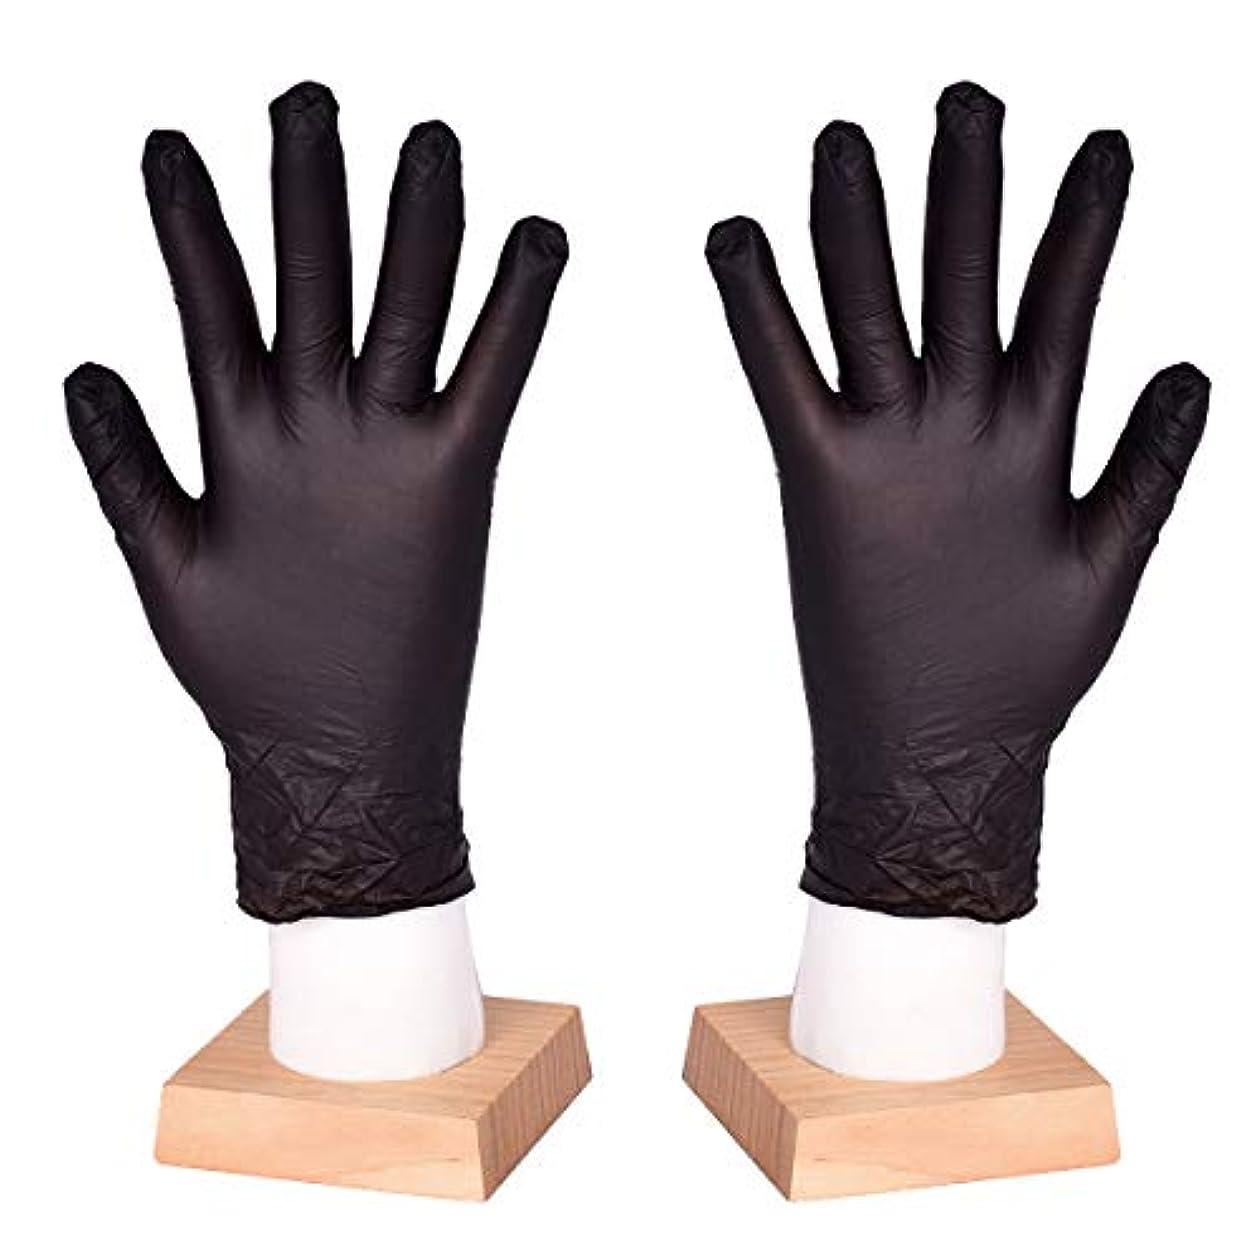 [FJTK]使い捨て手袋 滑りにくい 超弾性 多用途 黒 100枚入 (L)